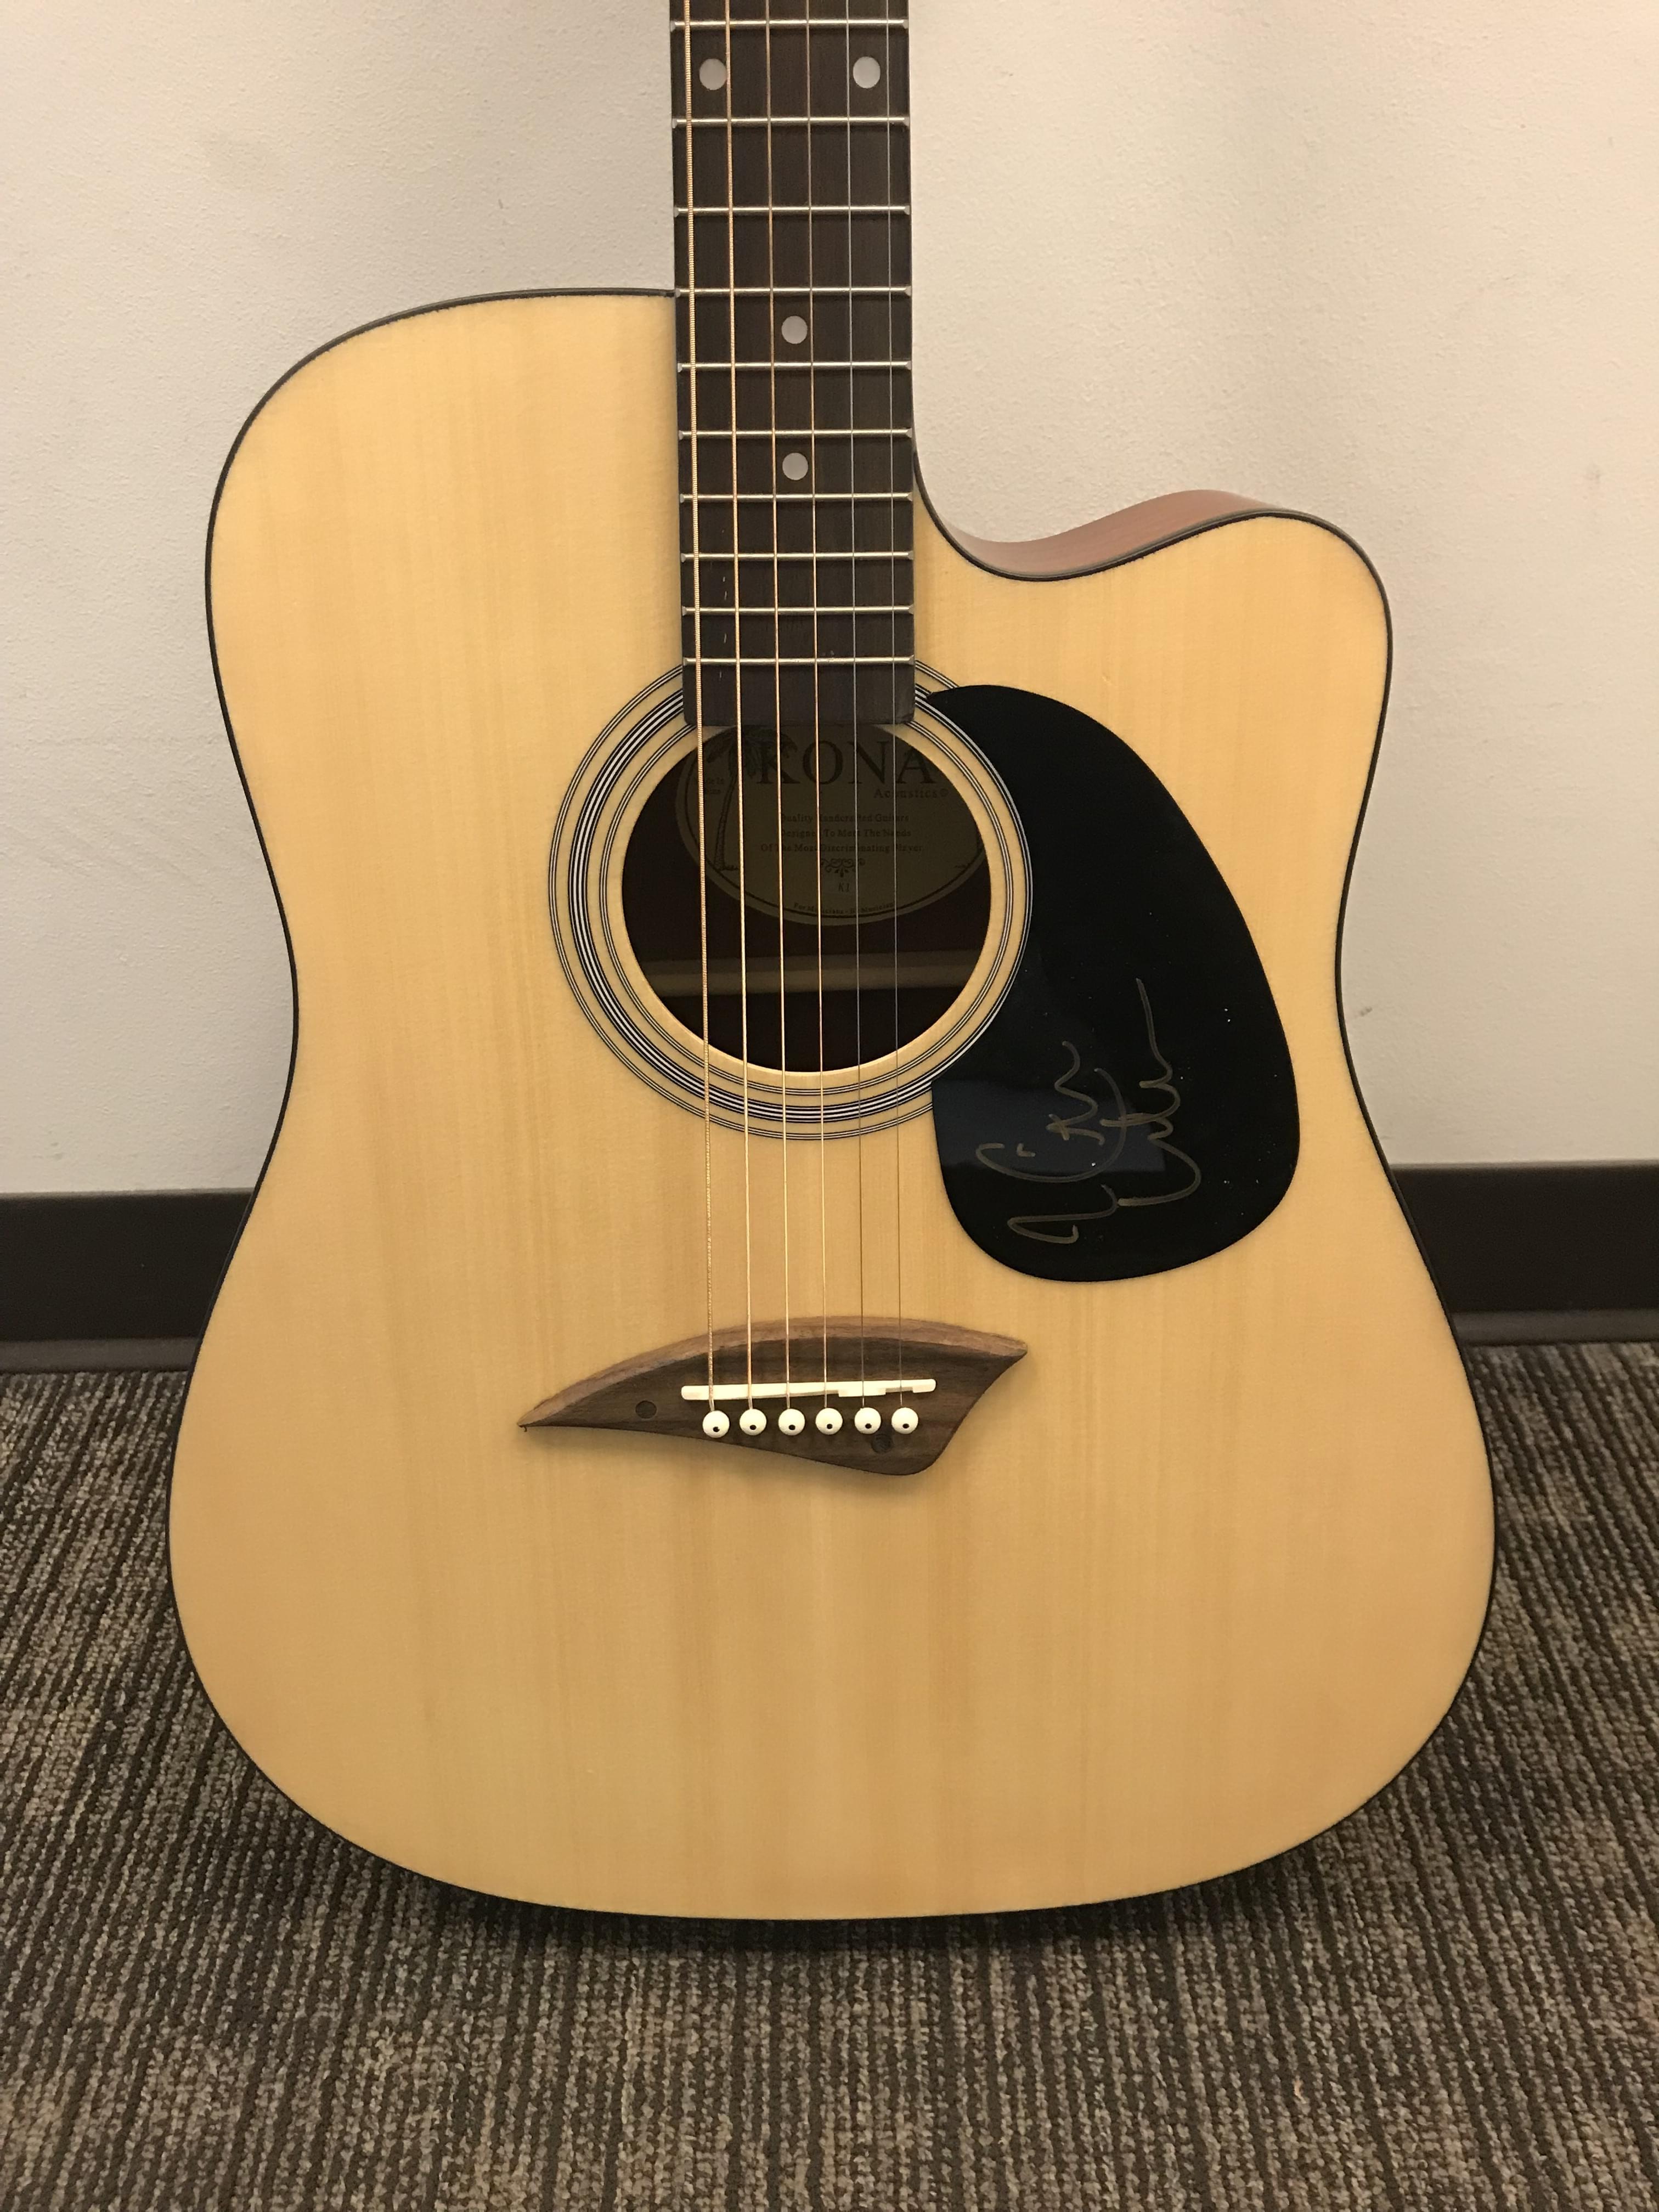 Auction Keith Urban Autographed Acoustic Guitar Kplx Fm